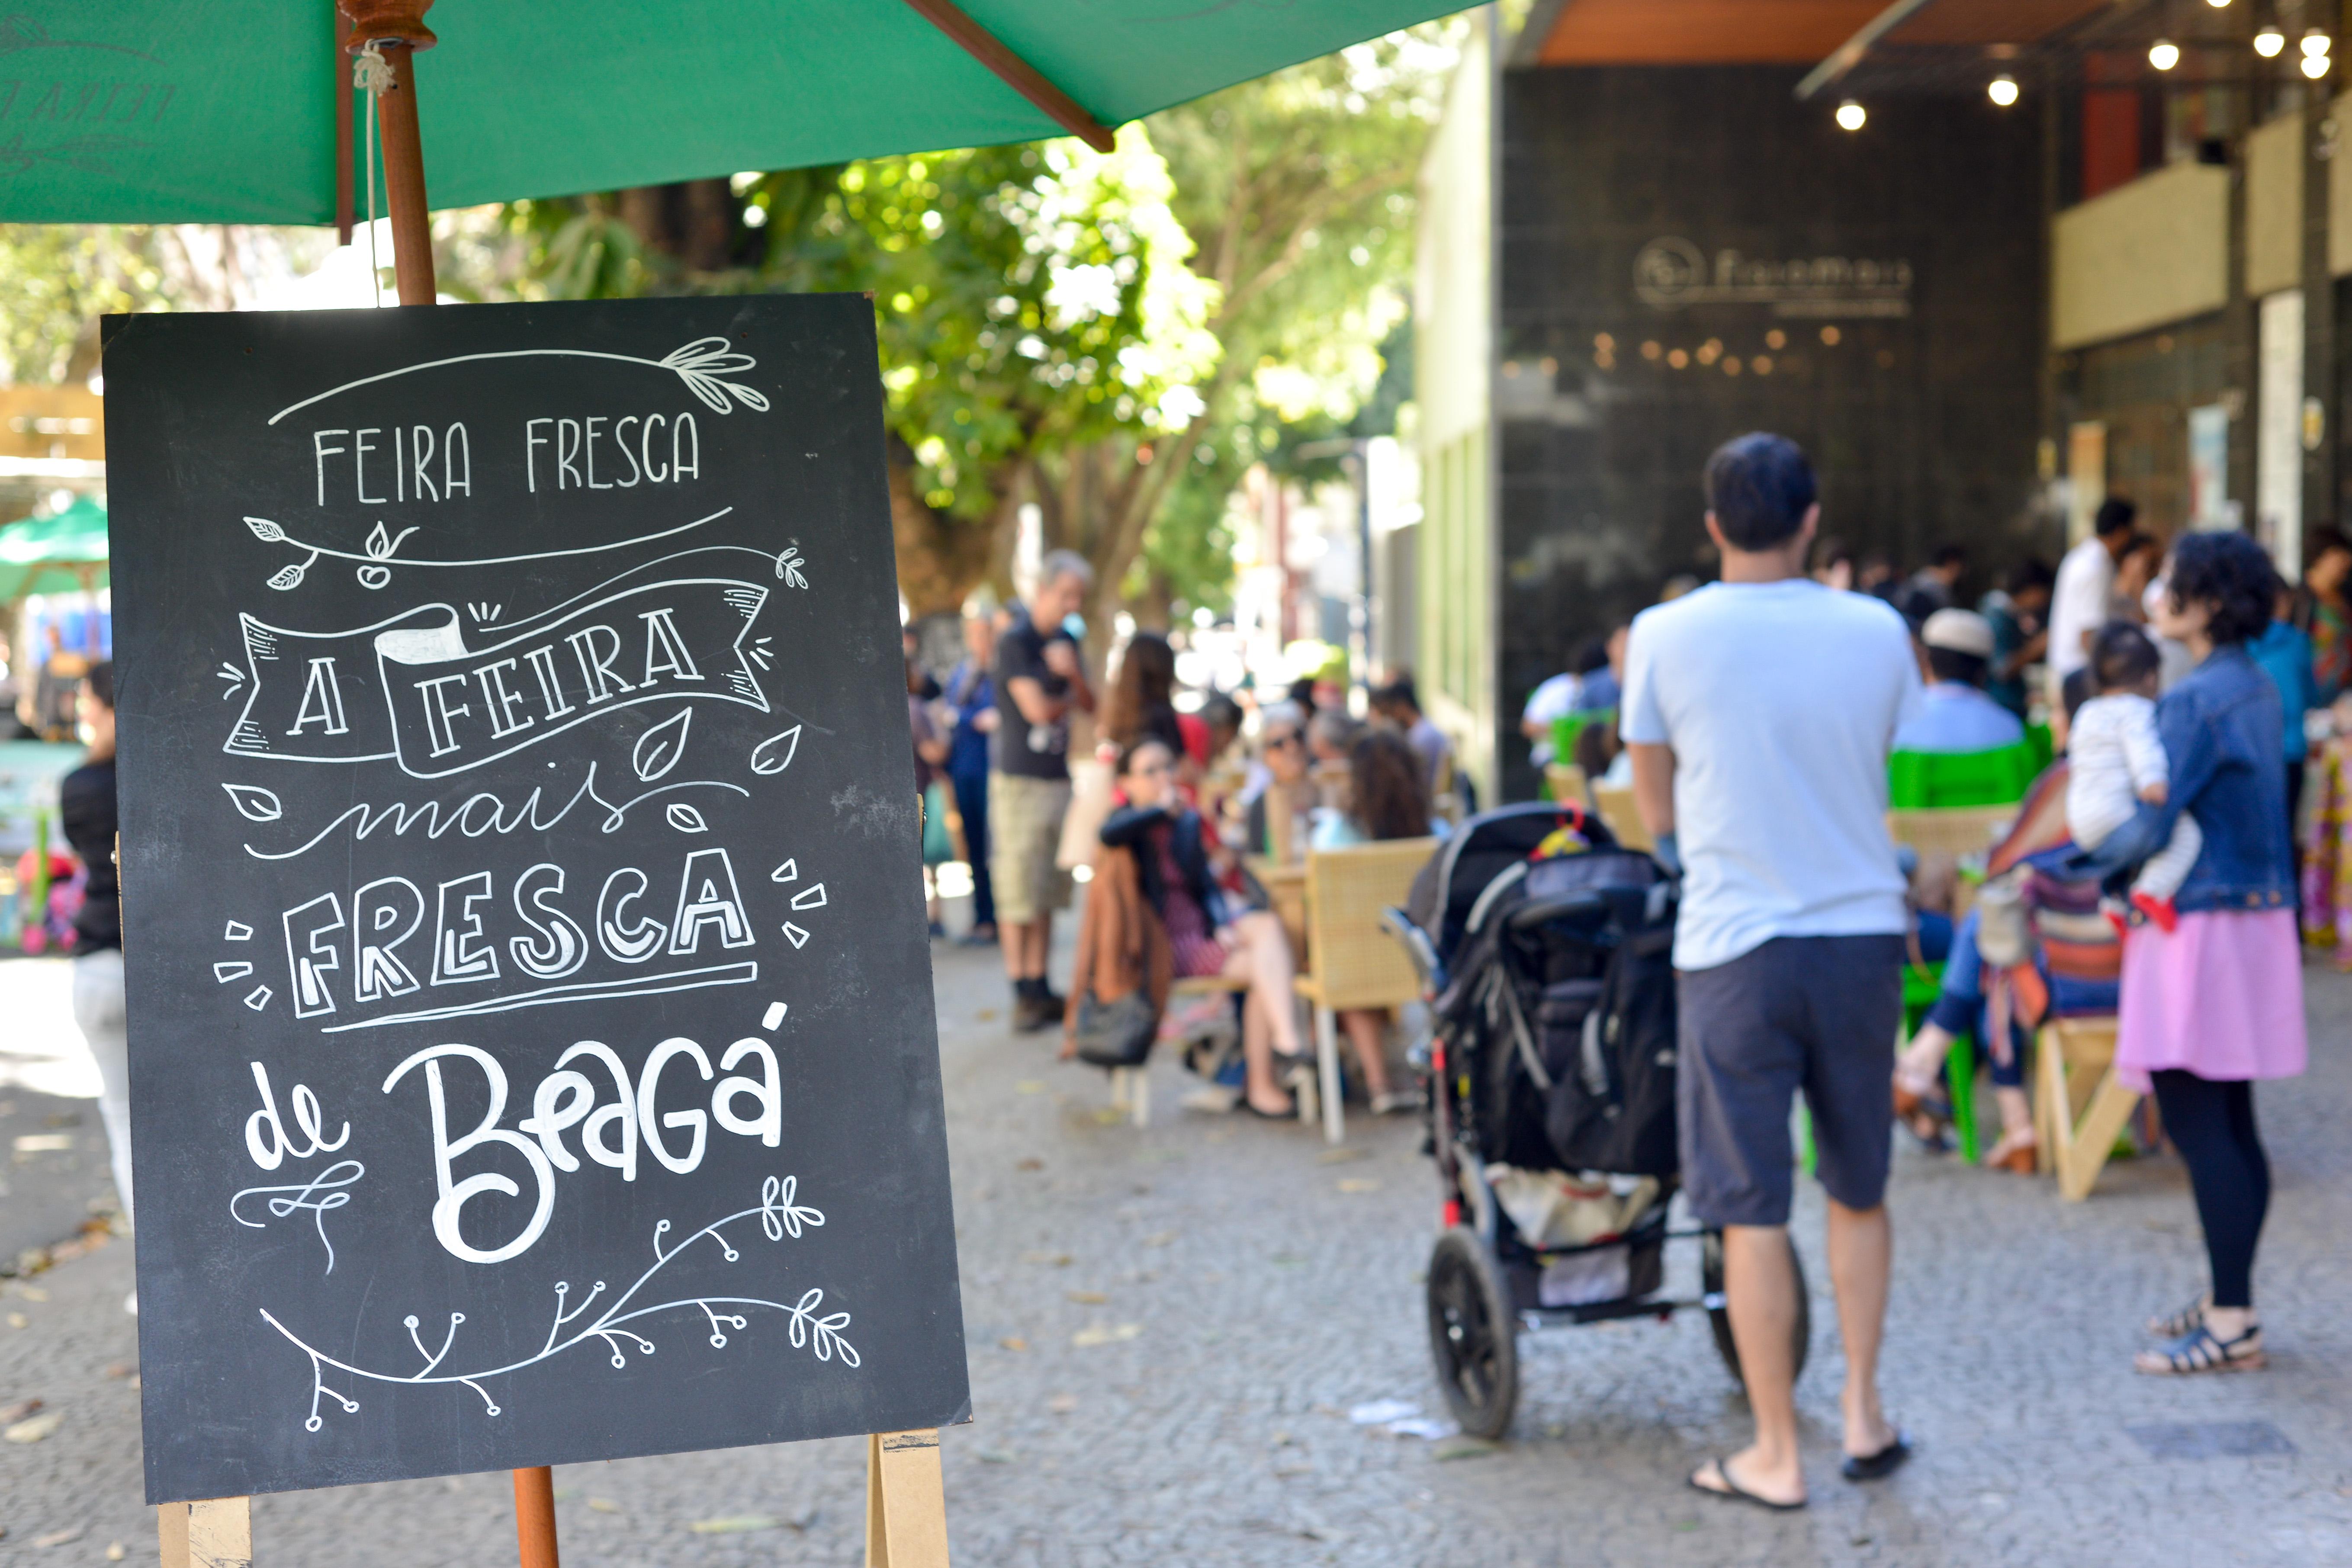 Feira Fresca a Feira Mais Fresca de Beagá - Spiral com Café